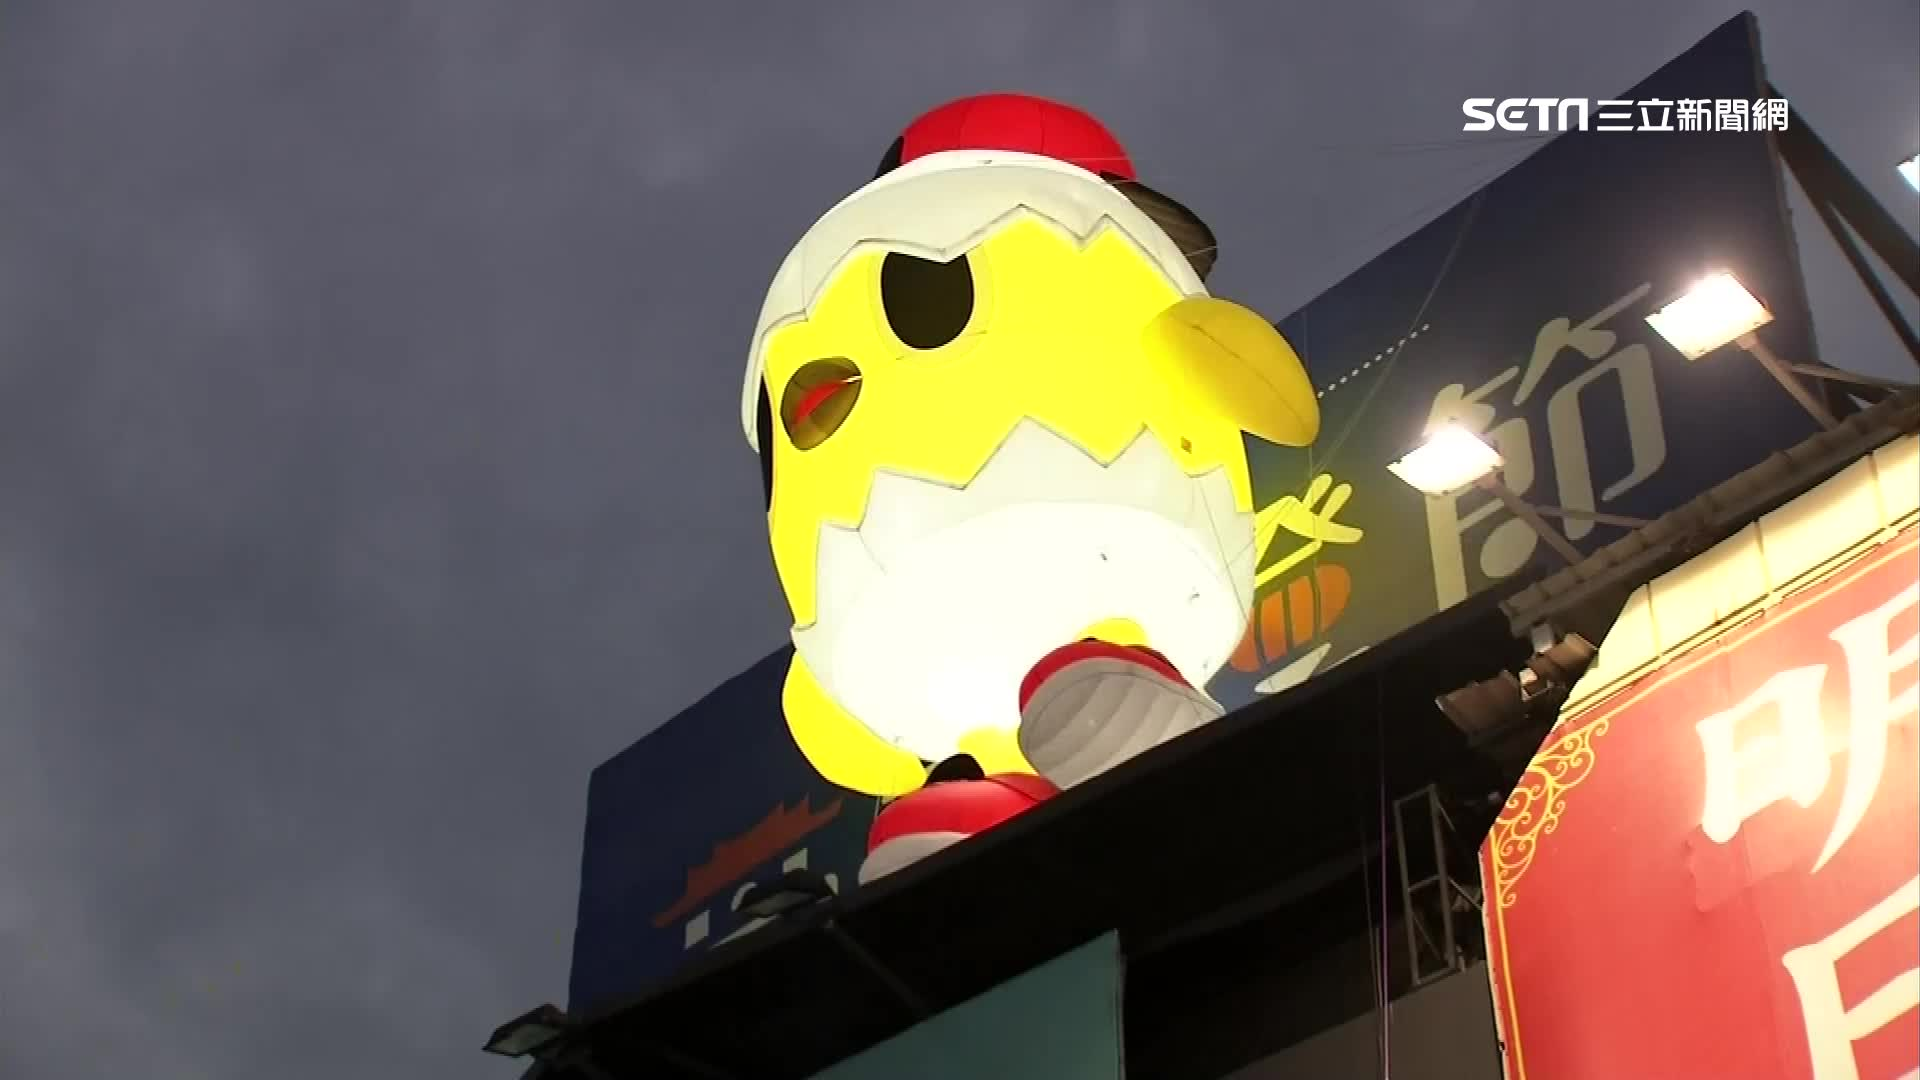 台北燈節試燈「小奇雞」家族照亮西門町